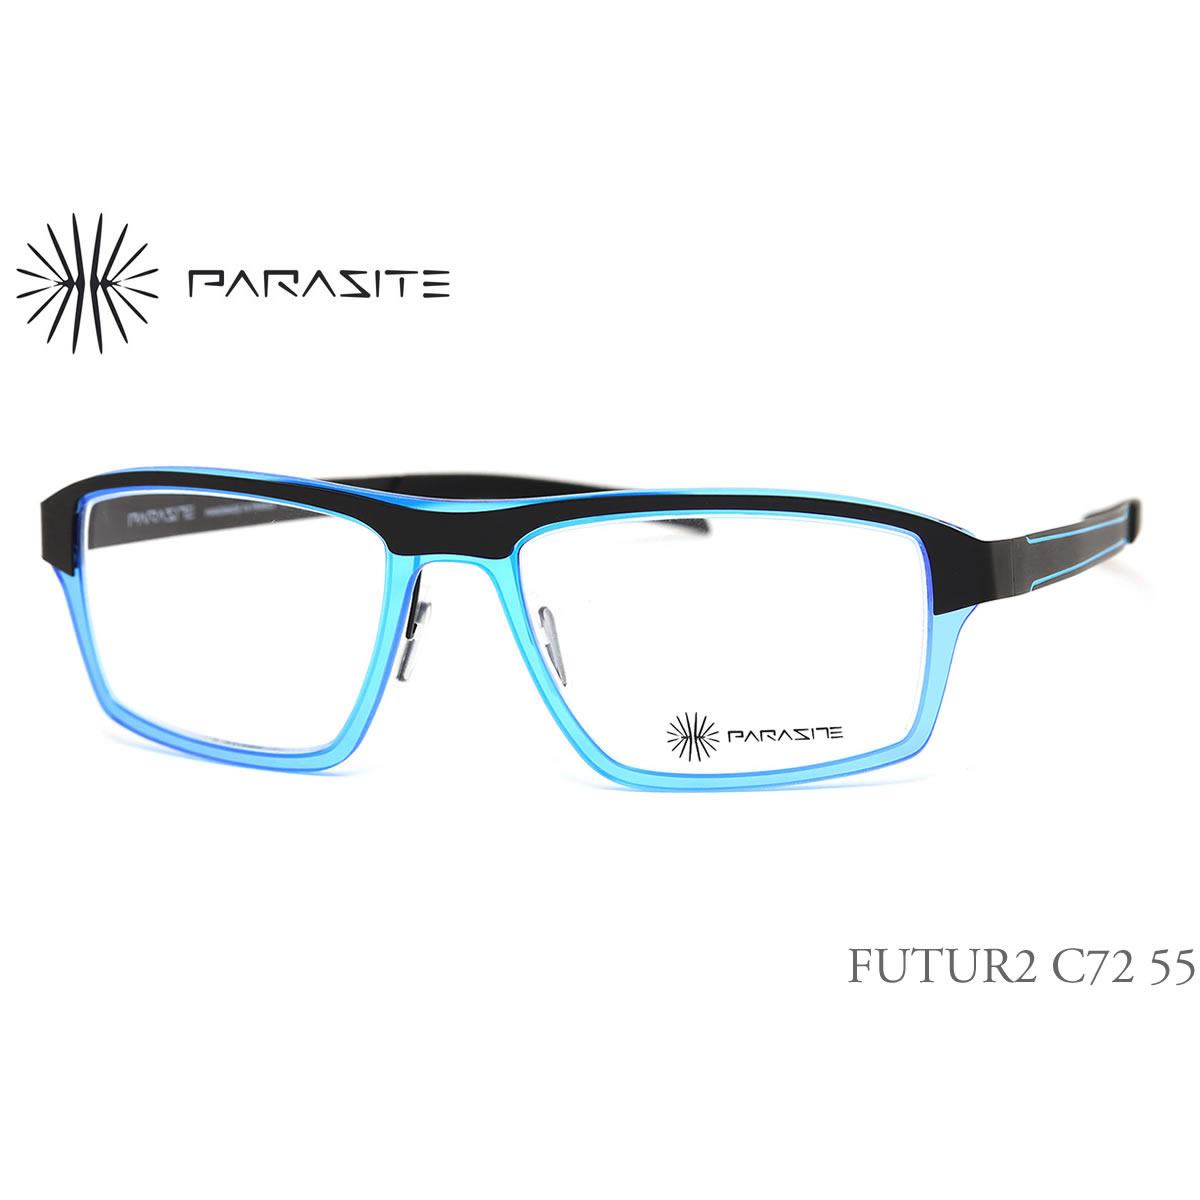 【10月30日からエントリーで全品ポイント20倍】【14時までのご注文は即日発送】FUTUR2 C72 55サイズ PARASITE (パラサイト) メガネ FUTUR2 メンズ レディース 【伊達メガネ用レンズ無料!!】【あす楽対応】